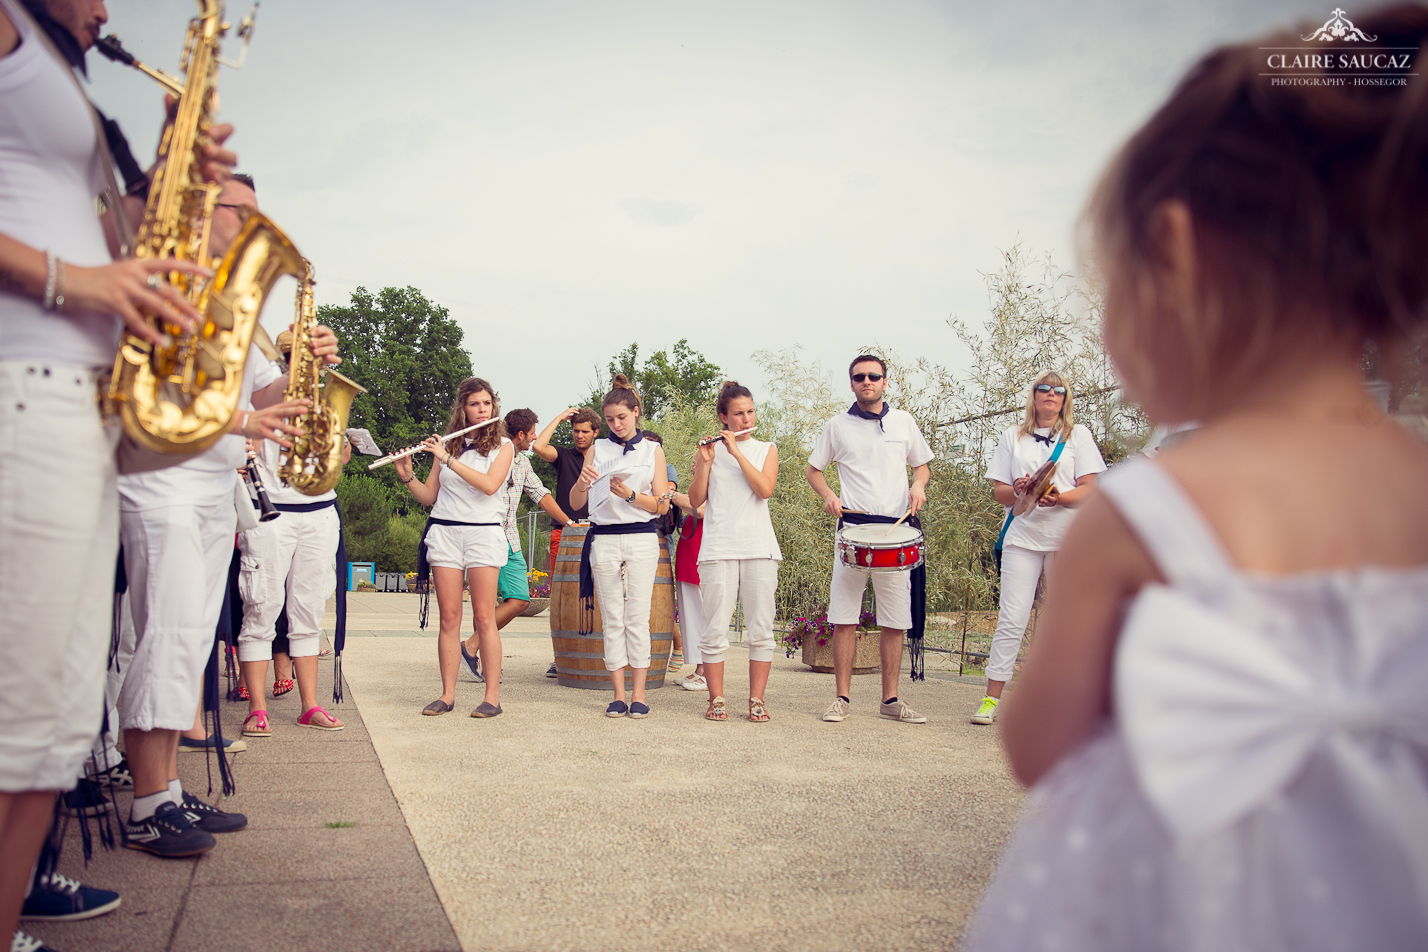 Le mariage de Marie-Line, une feria dans les Landes, en rouge et blanc !